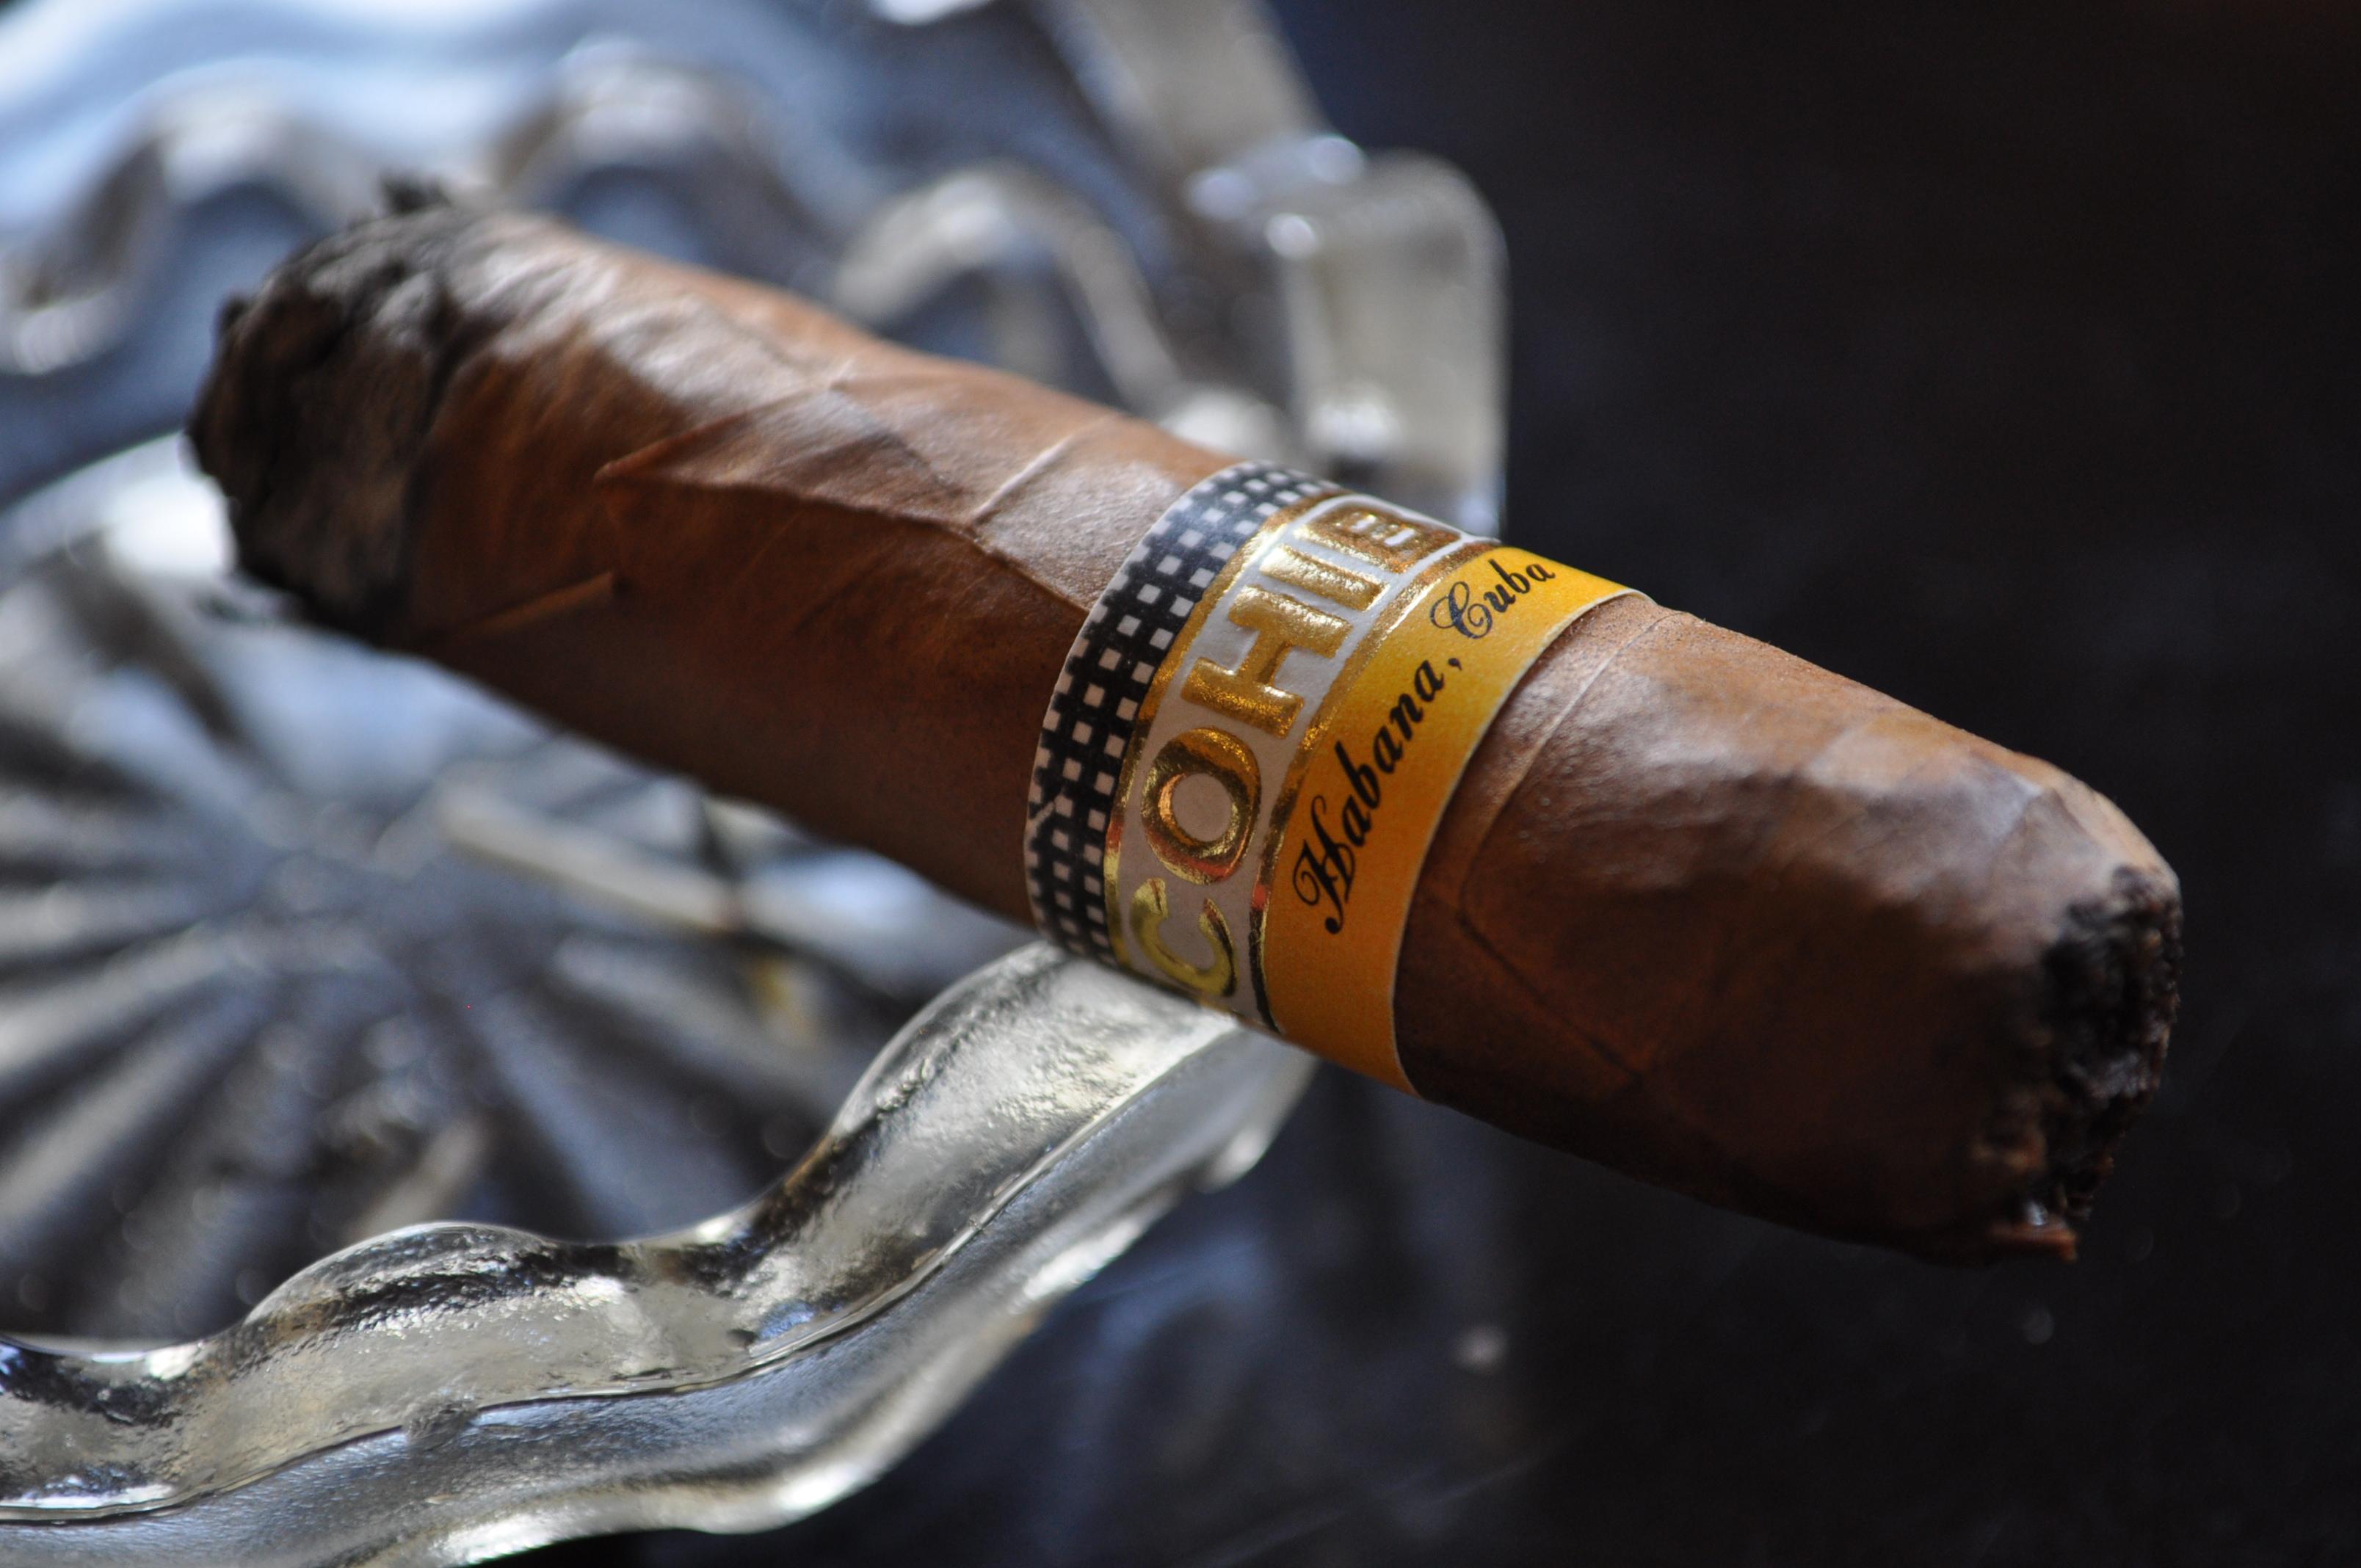 Kubańskie cygaro Cohiba tli się w popielniczce